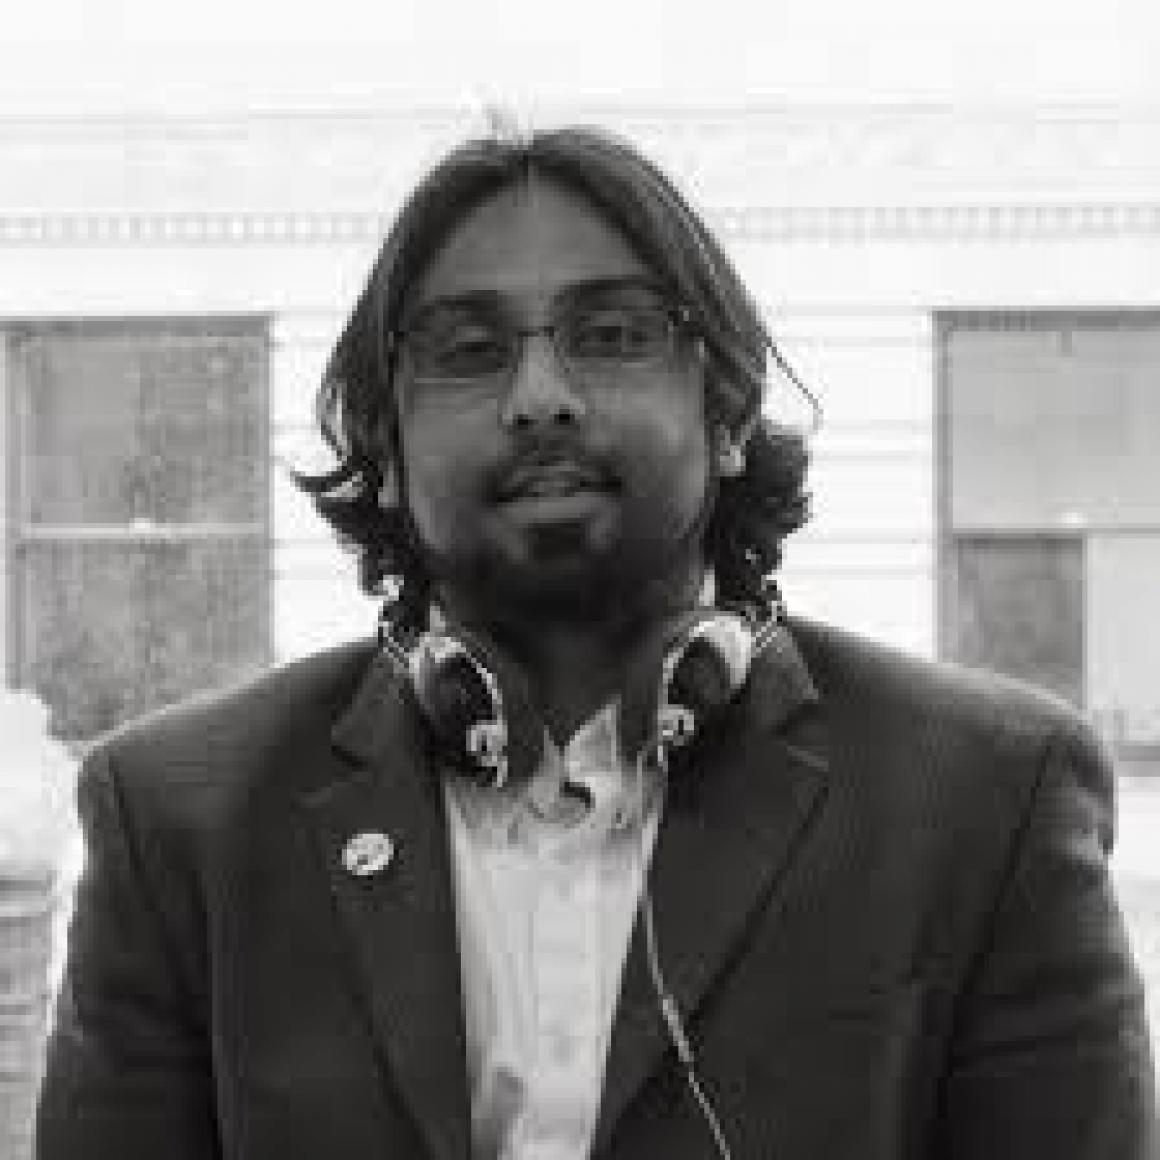 G Nagesh Rao